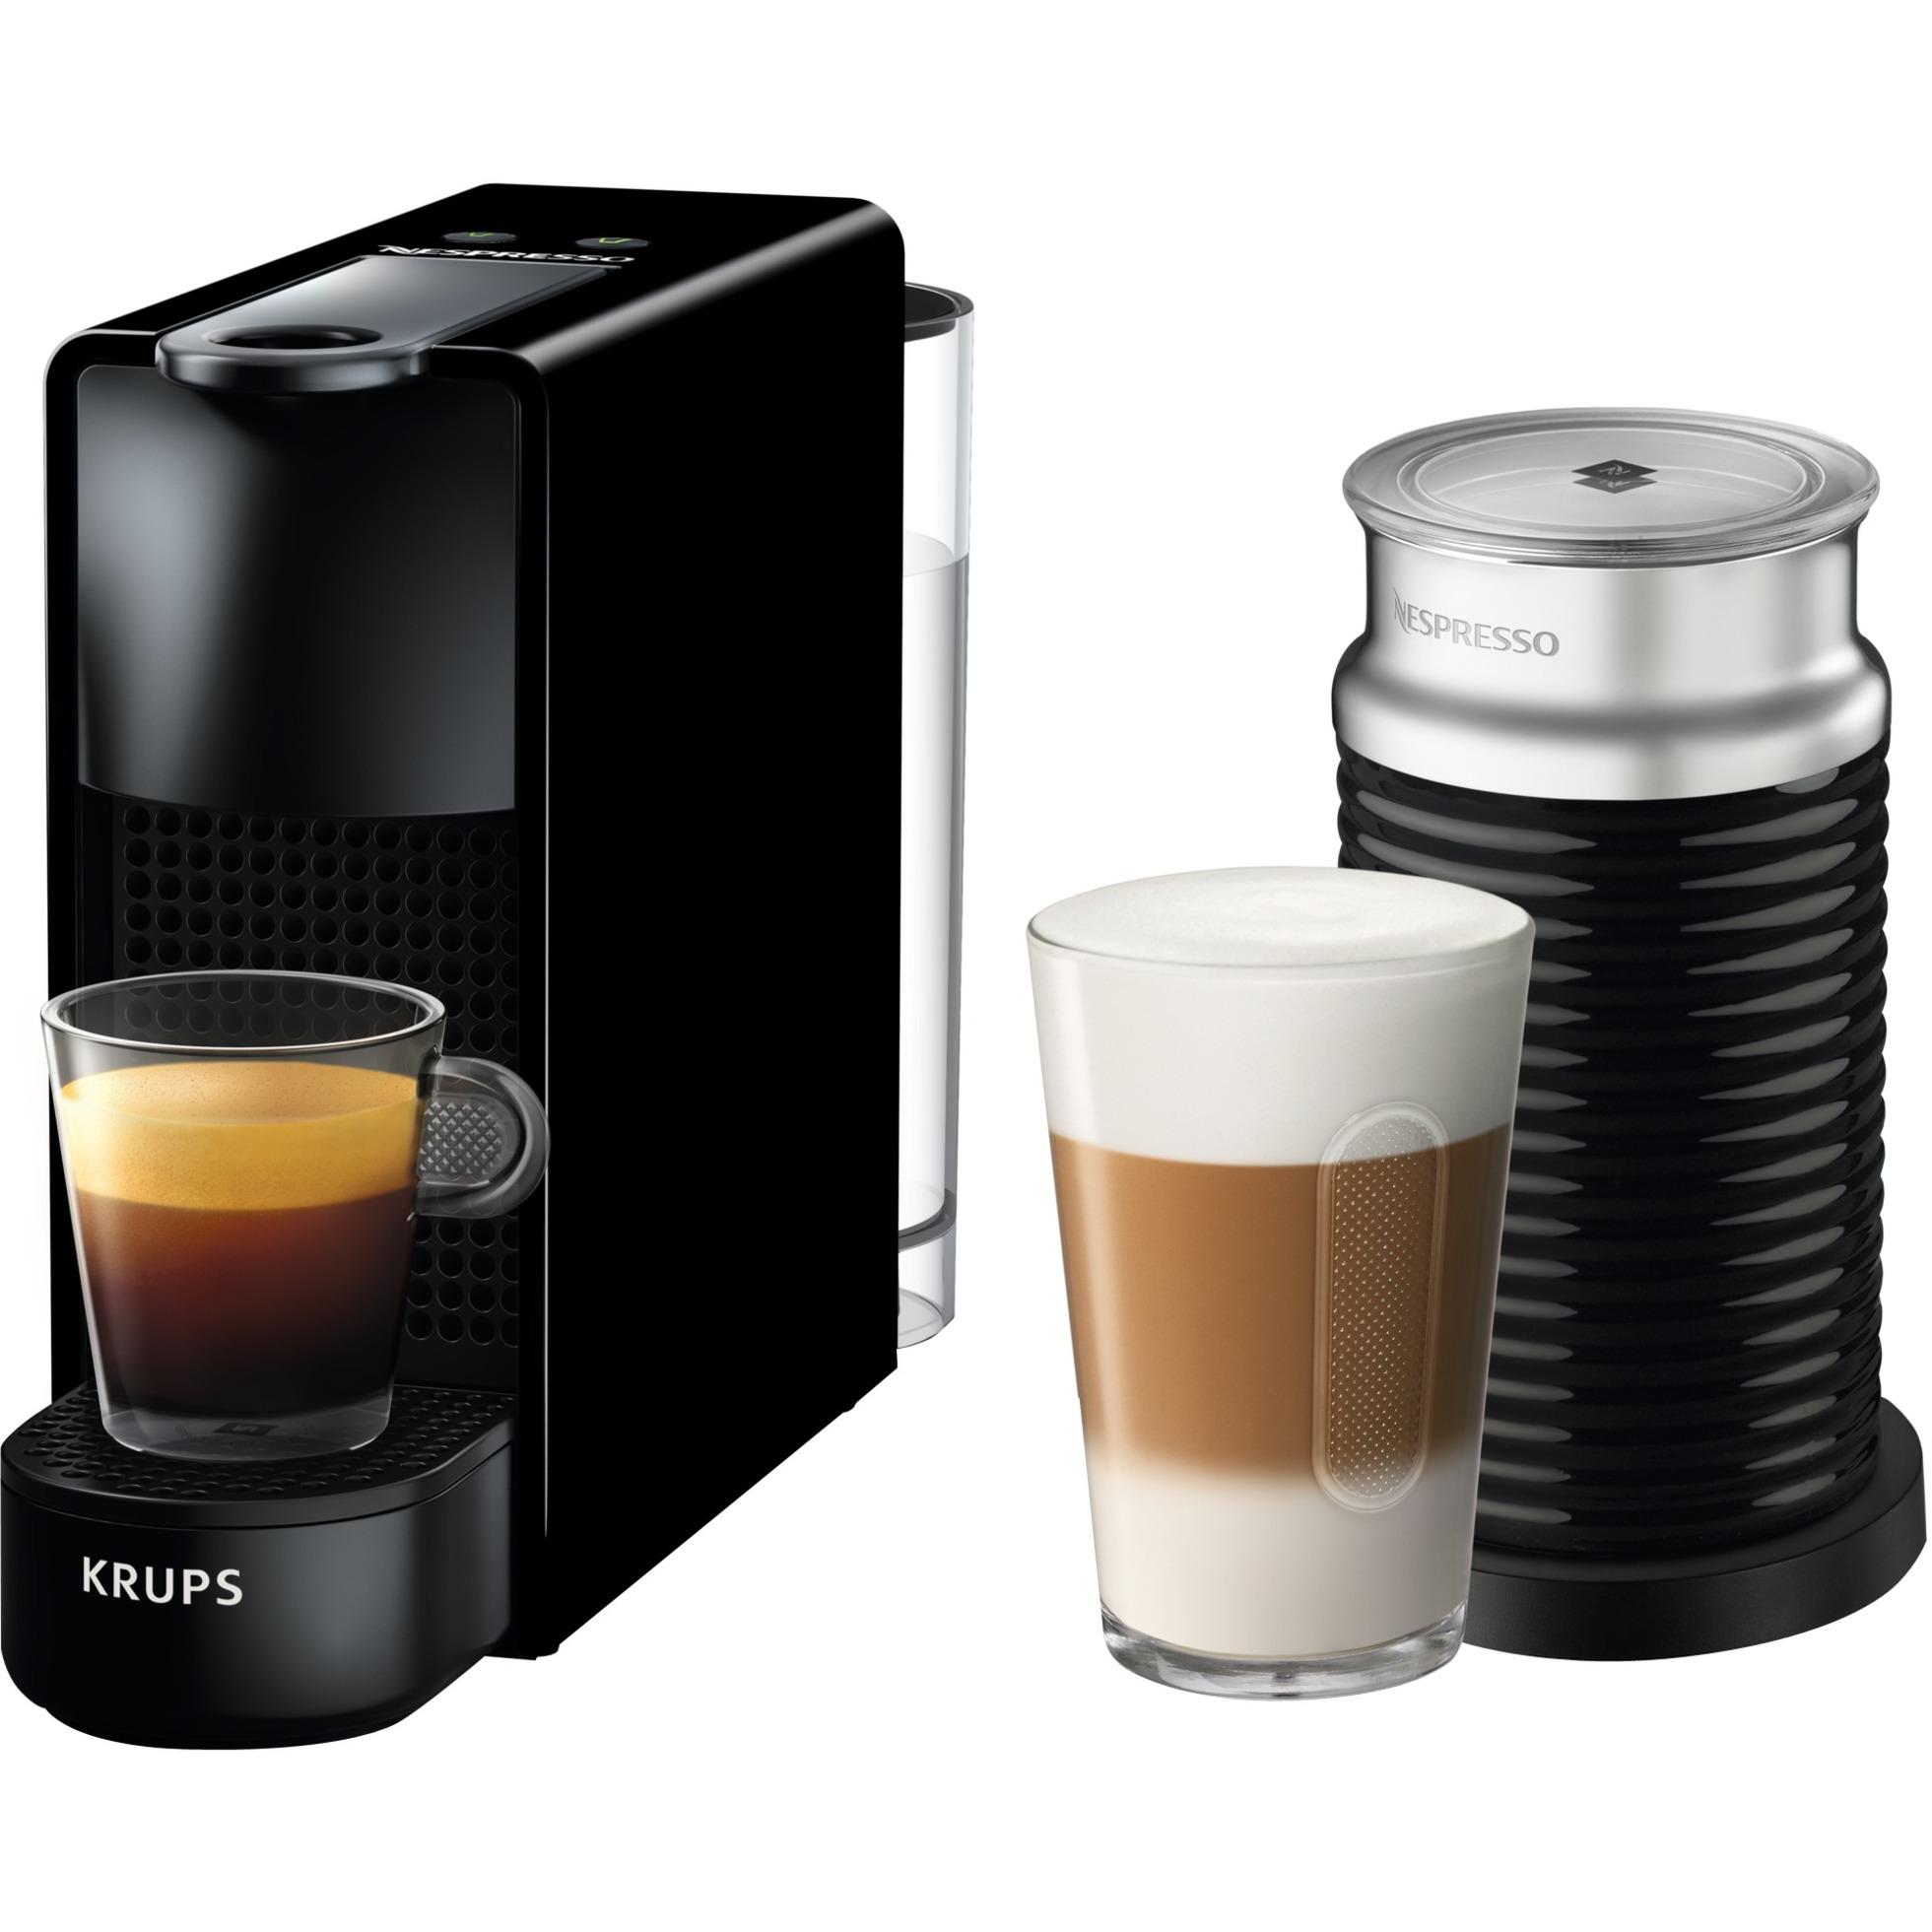 XN1118 Independiente Manual Máquina espresso 0.6L 1tazas Negro cafetera eléctrica, Cafetera de cápsulas